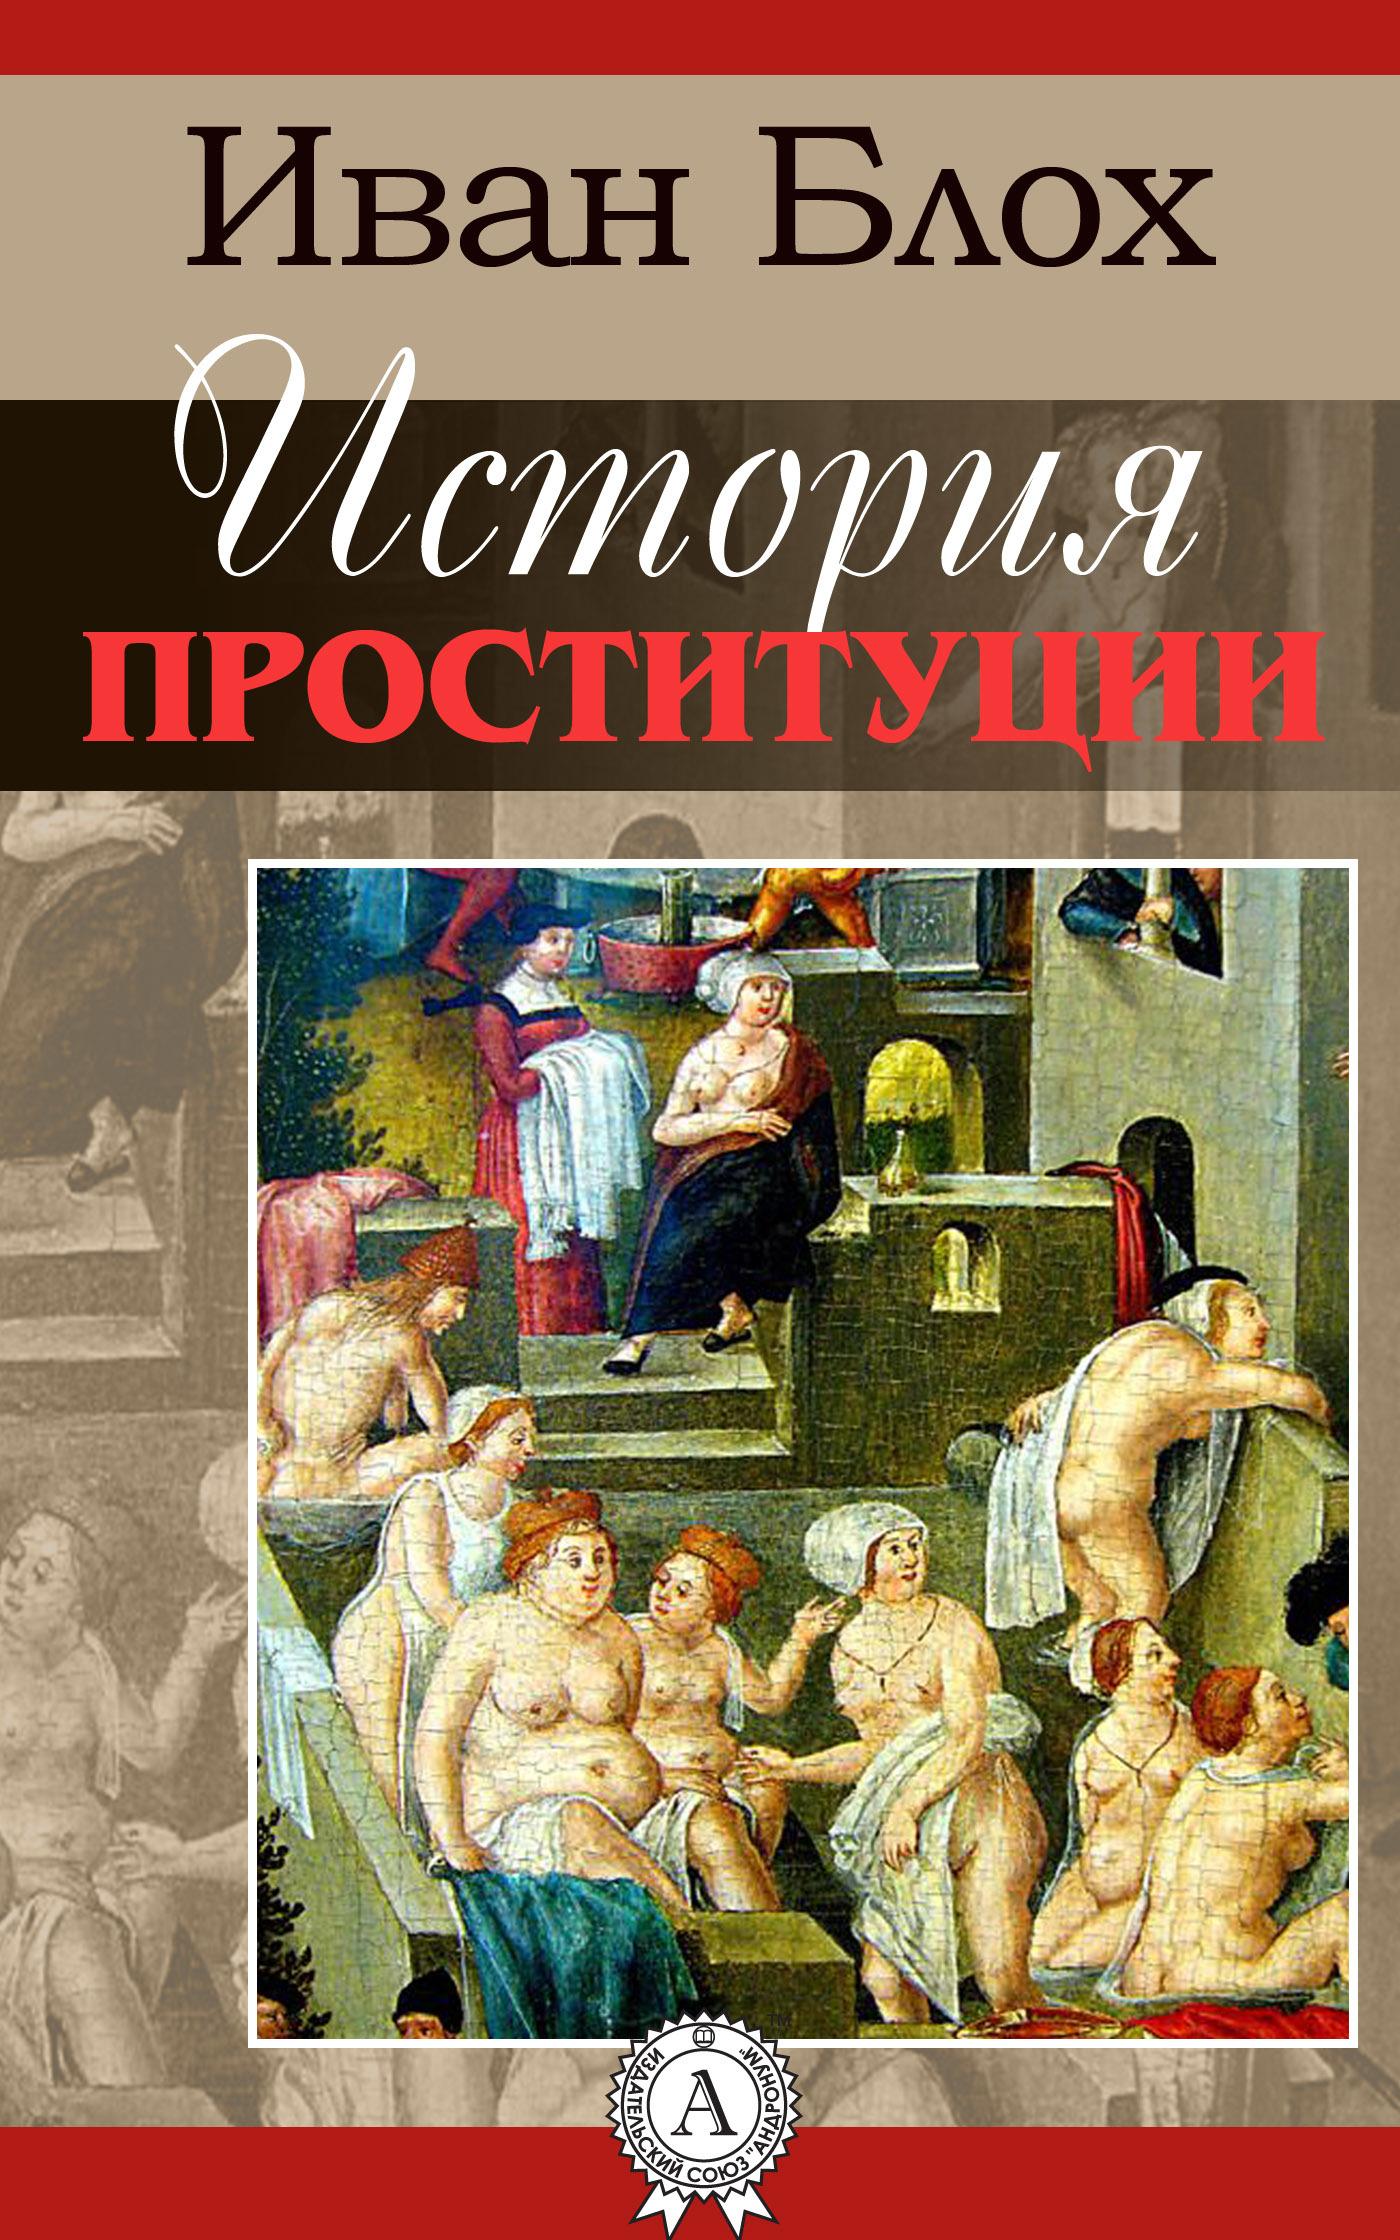 бесплатно книгу Иван Блох скачать с сайта